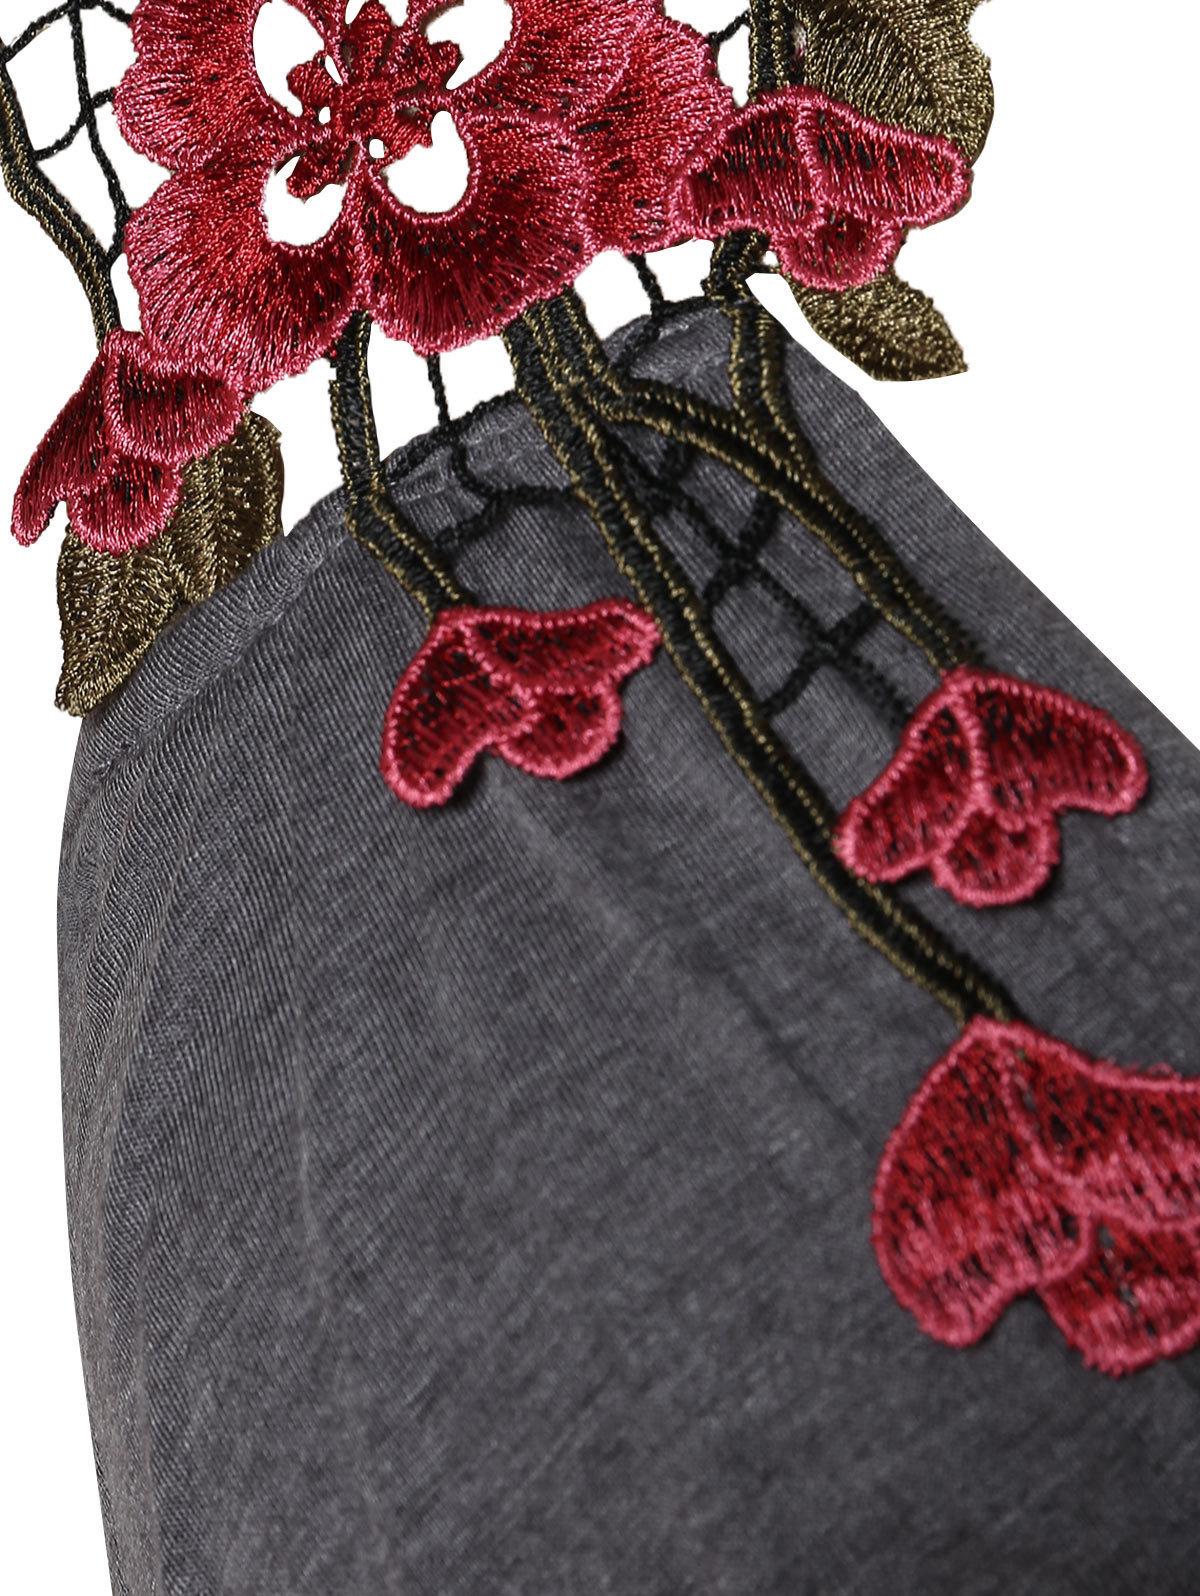 Rosegal Artı Boyutu Criss Çapraz Dantel Aplike Tank Top Vintage Patchwork Camiş V Yaka Kolsuz Moda Yaz Kadın Giyim MX190724